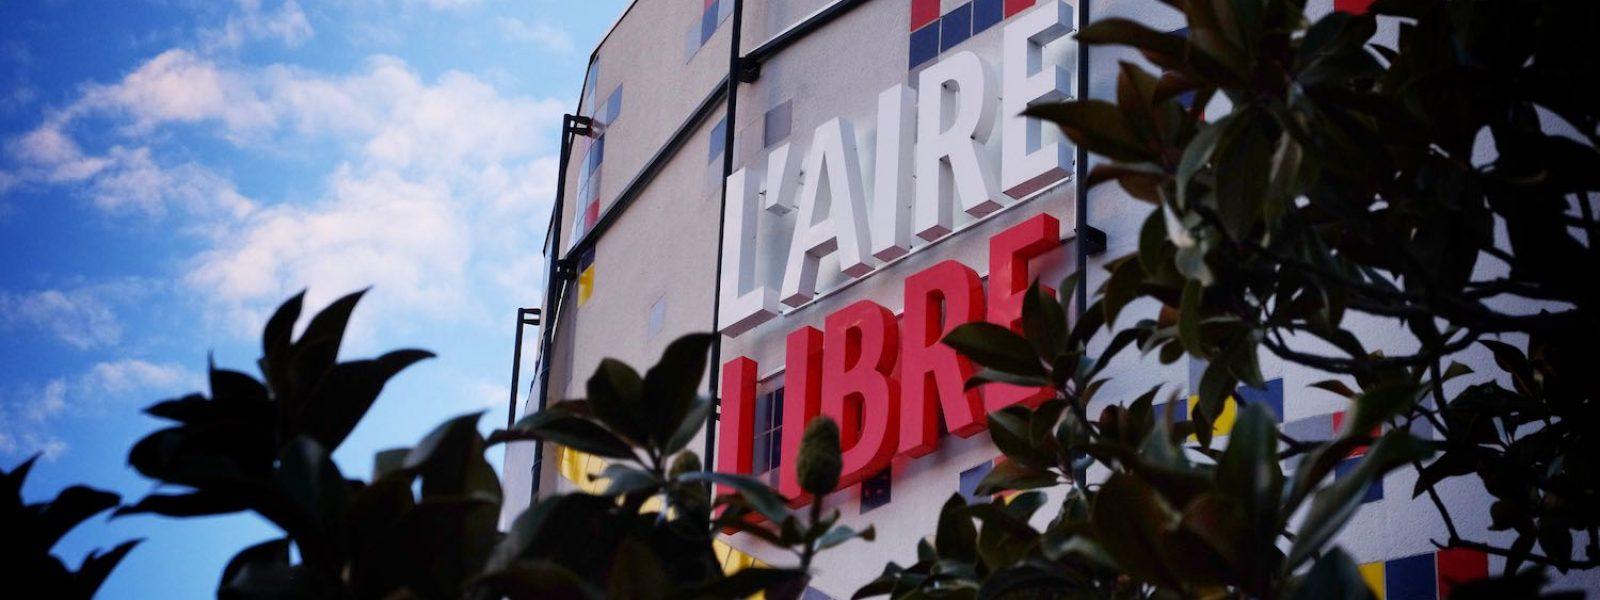 L'Aire Libre, Rennes aéroport, Saint-Jacques de la Lande